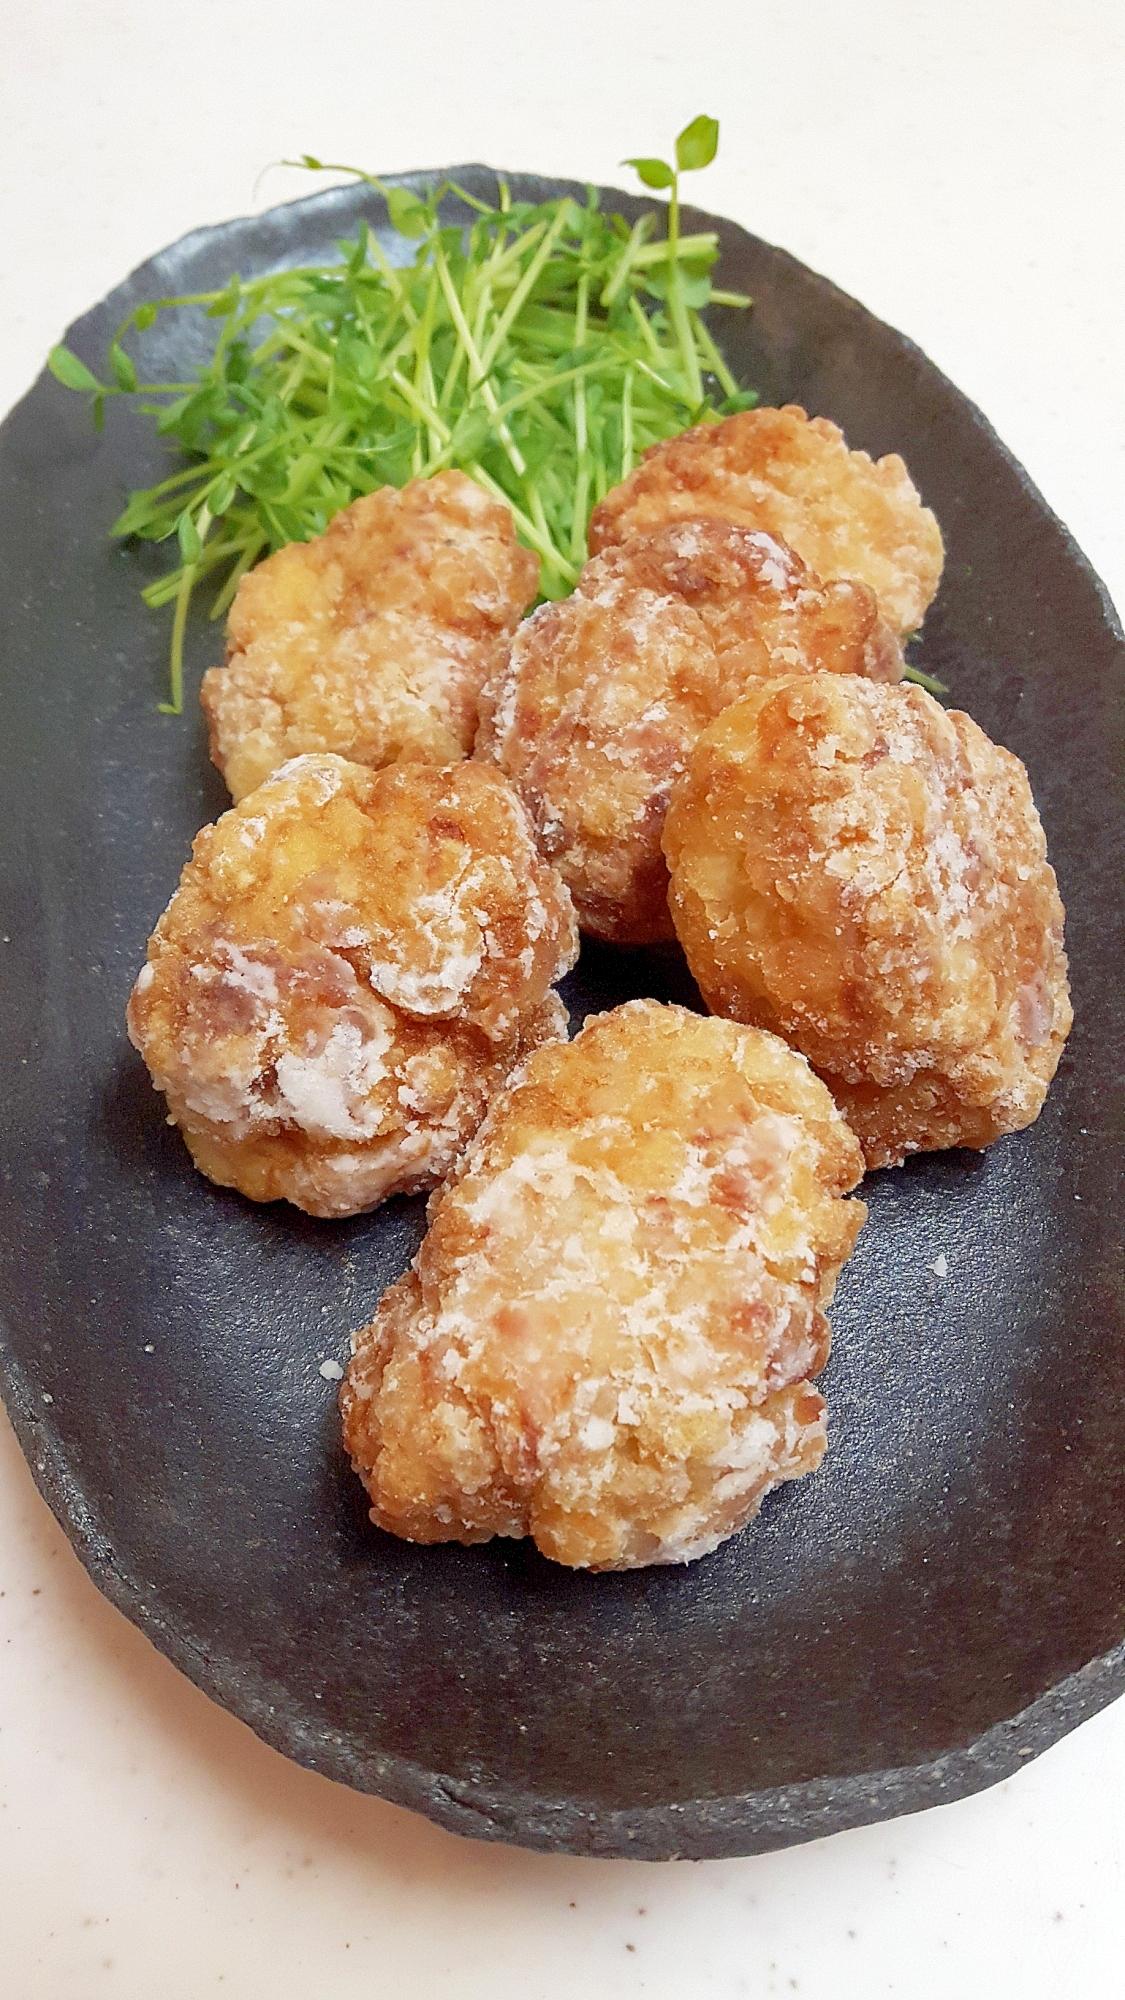 簡単・ヘルシー!豚こま切れ肉と豆腐の和風ナゲット♪ レシピ・作り方 by acchan66|楽天レシピ